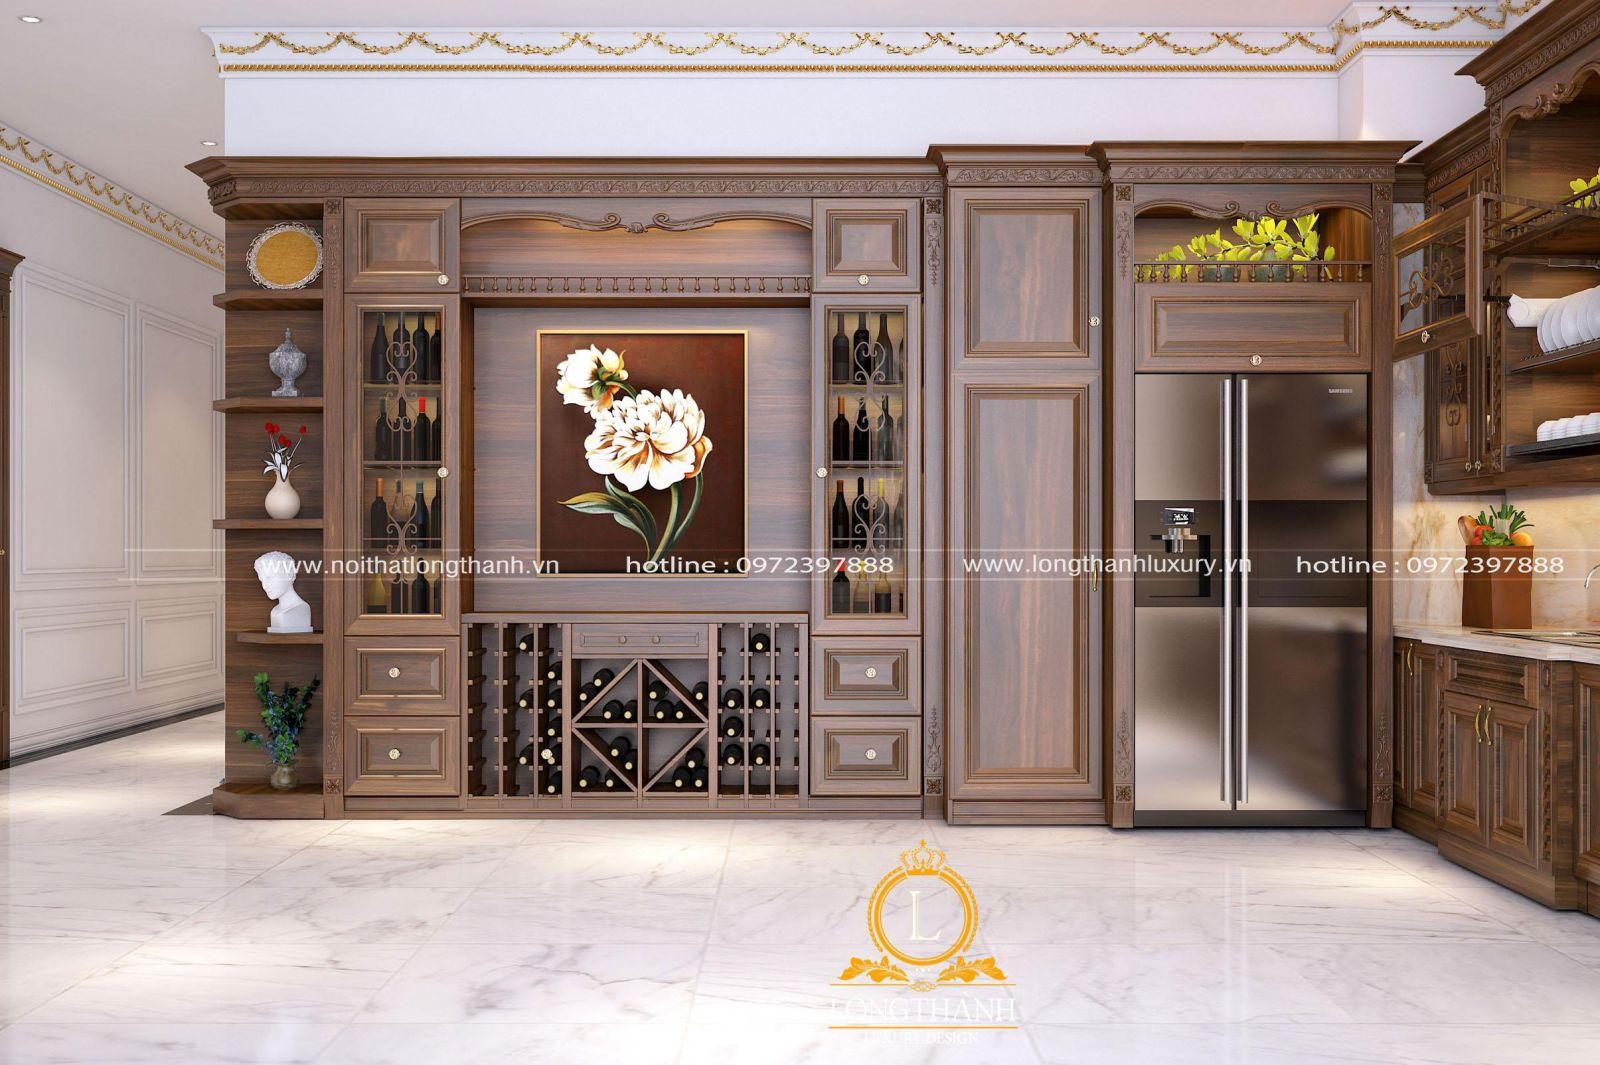 Mẫu thiết kể phòng bếp nhà biệt thự rộng với điểm nhấn là tủ bếp phong cách tân cổ điển